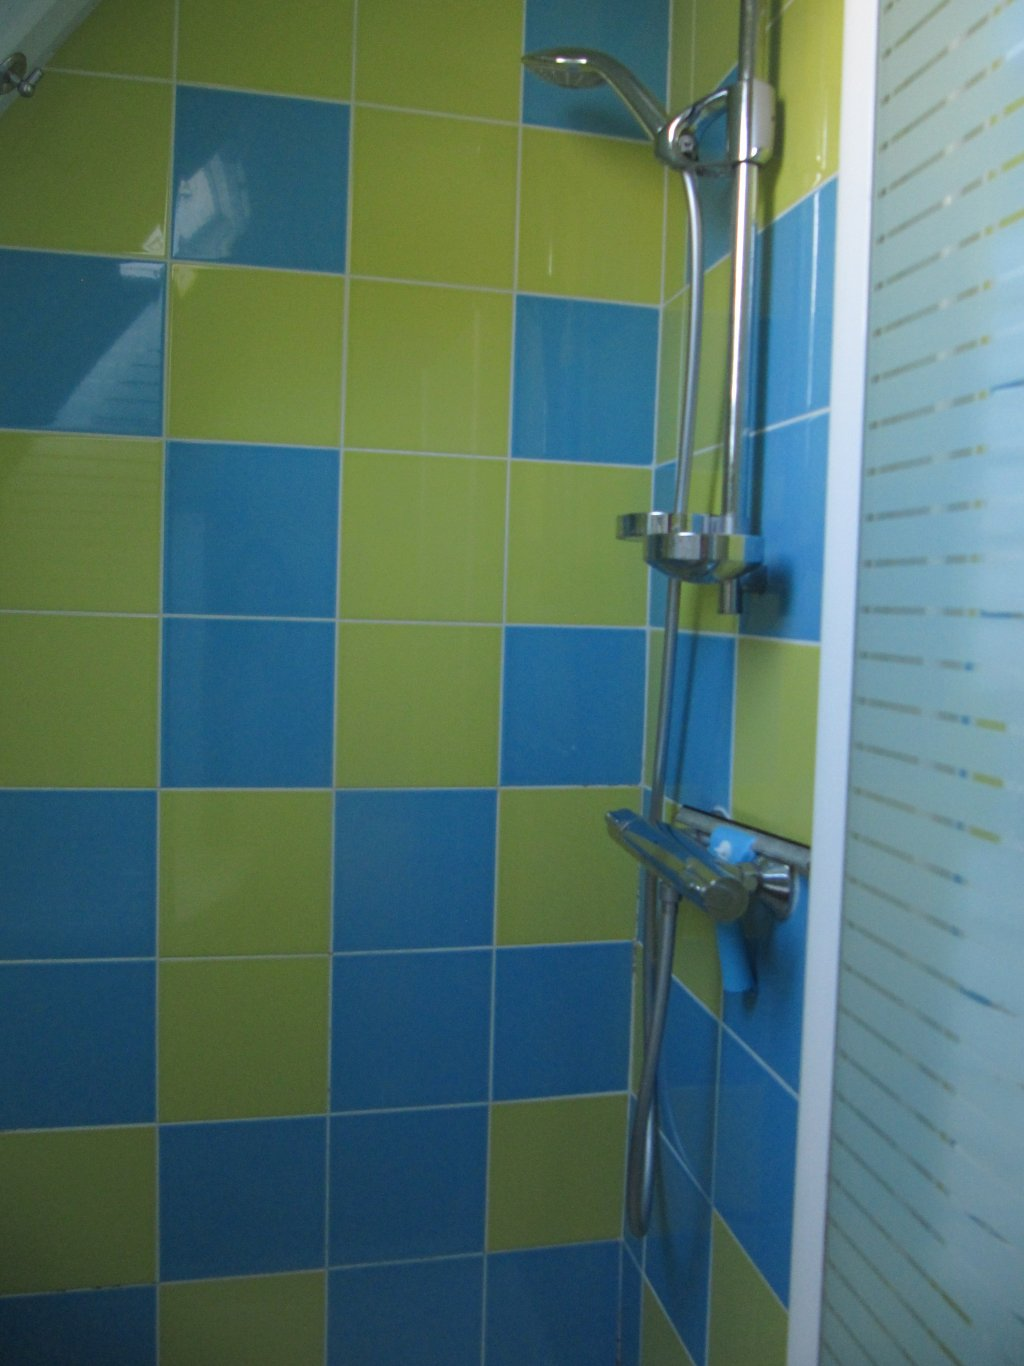 Appartement vacances dinard location 5 personnes sylviane - Temperature salle de bain ...